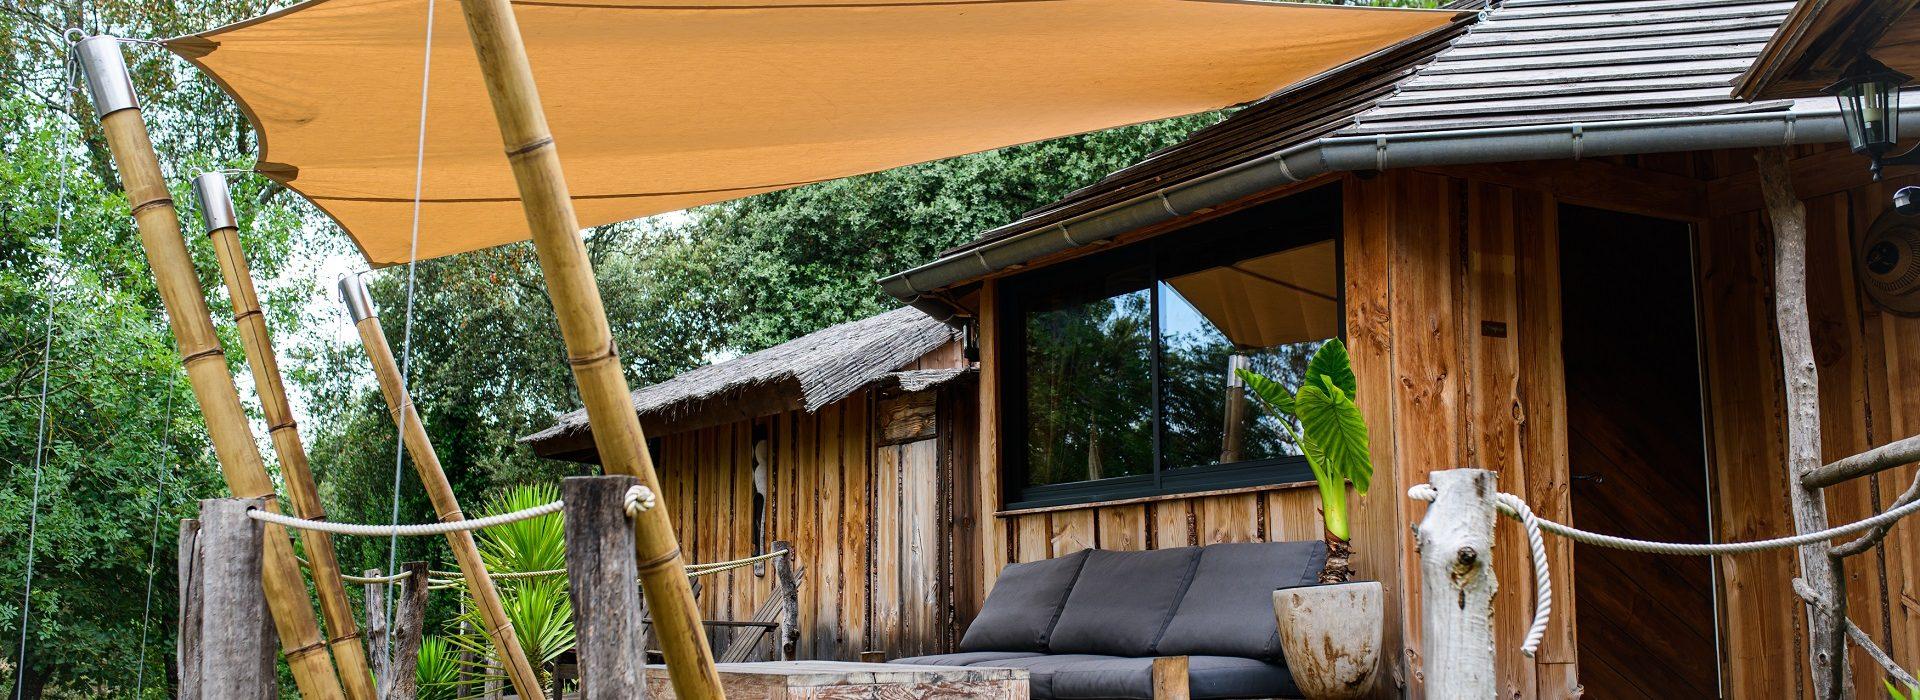 Loge safari luxe afrique Nivaquine